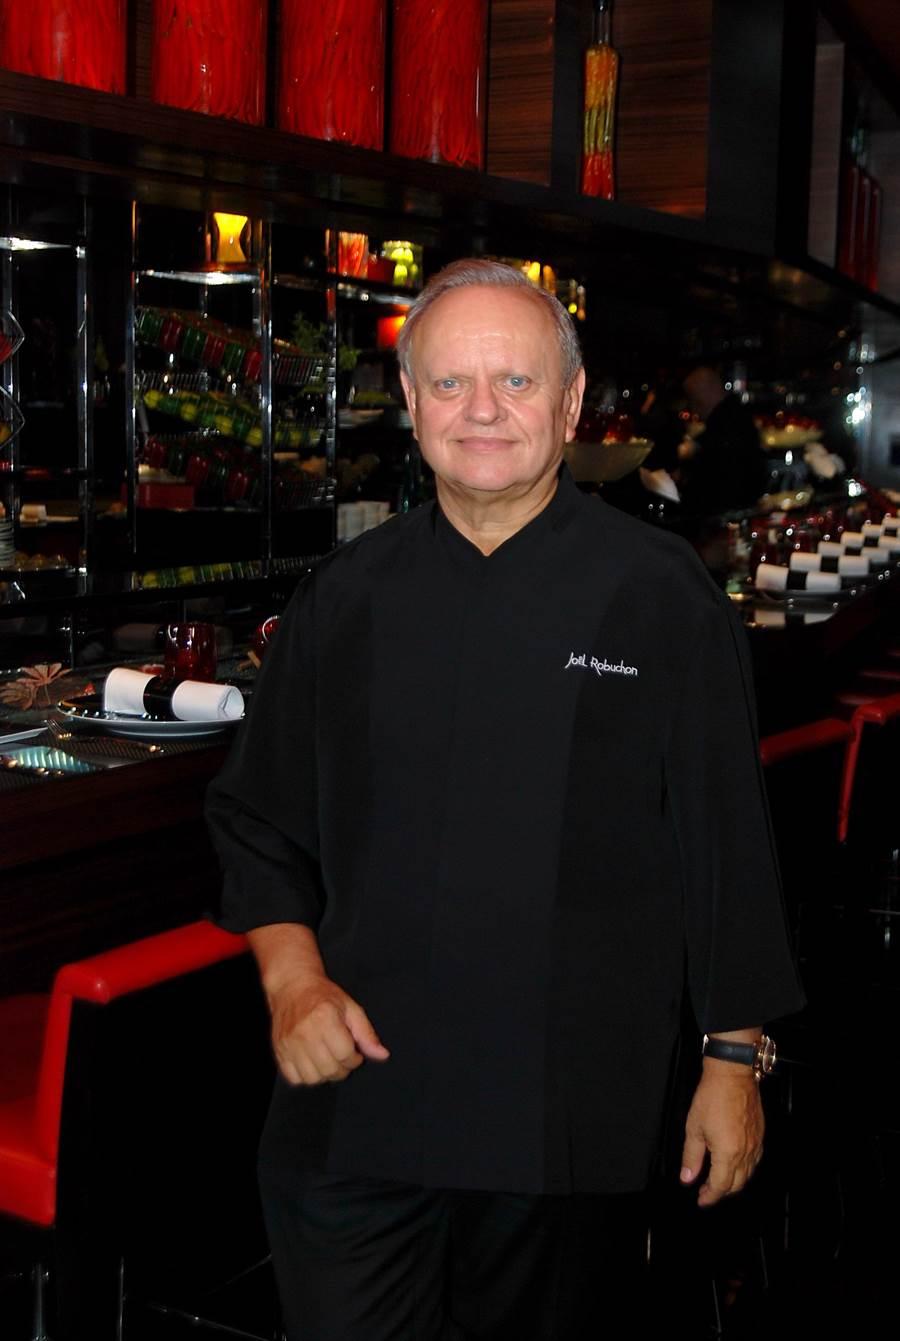 將於今晚在BELLAVITA侯布雄法式餐廳主持星光晚宴的「世紀名廚」侯布雄表示,維持菜餚一致品質水準,是餐廳在米其林指南中摘星的必要條件。(圖/姚舜攝)